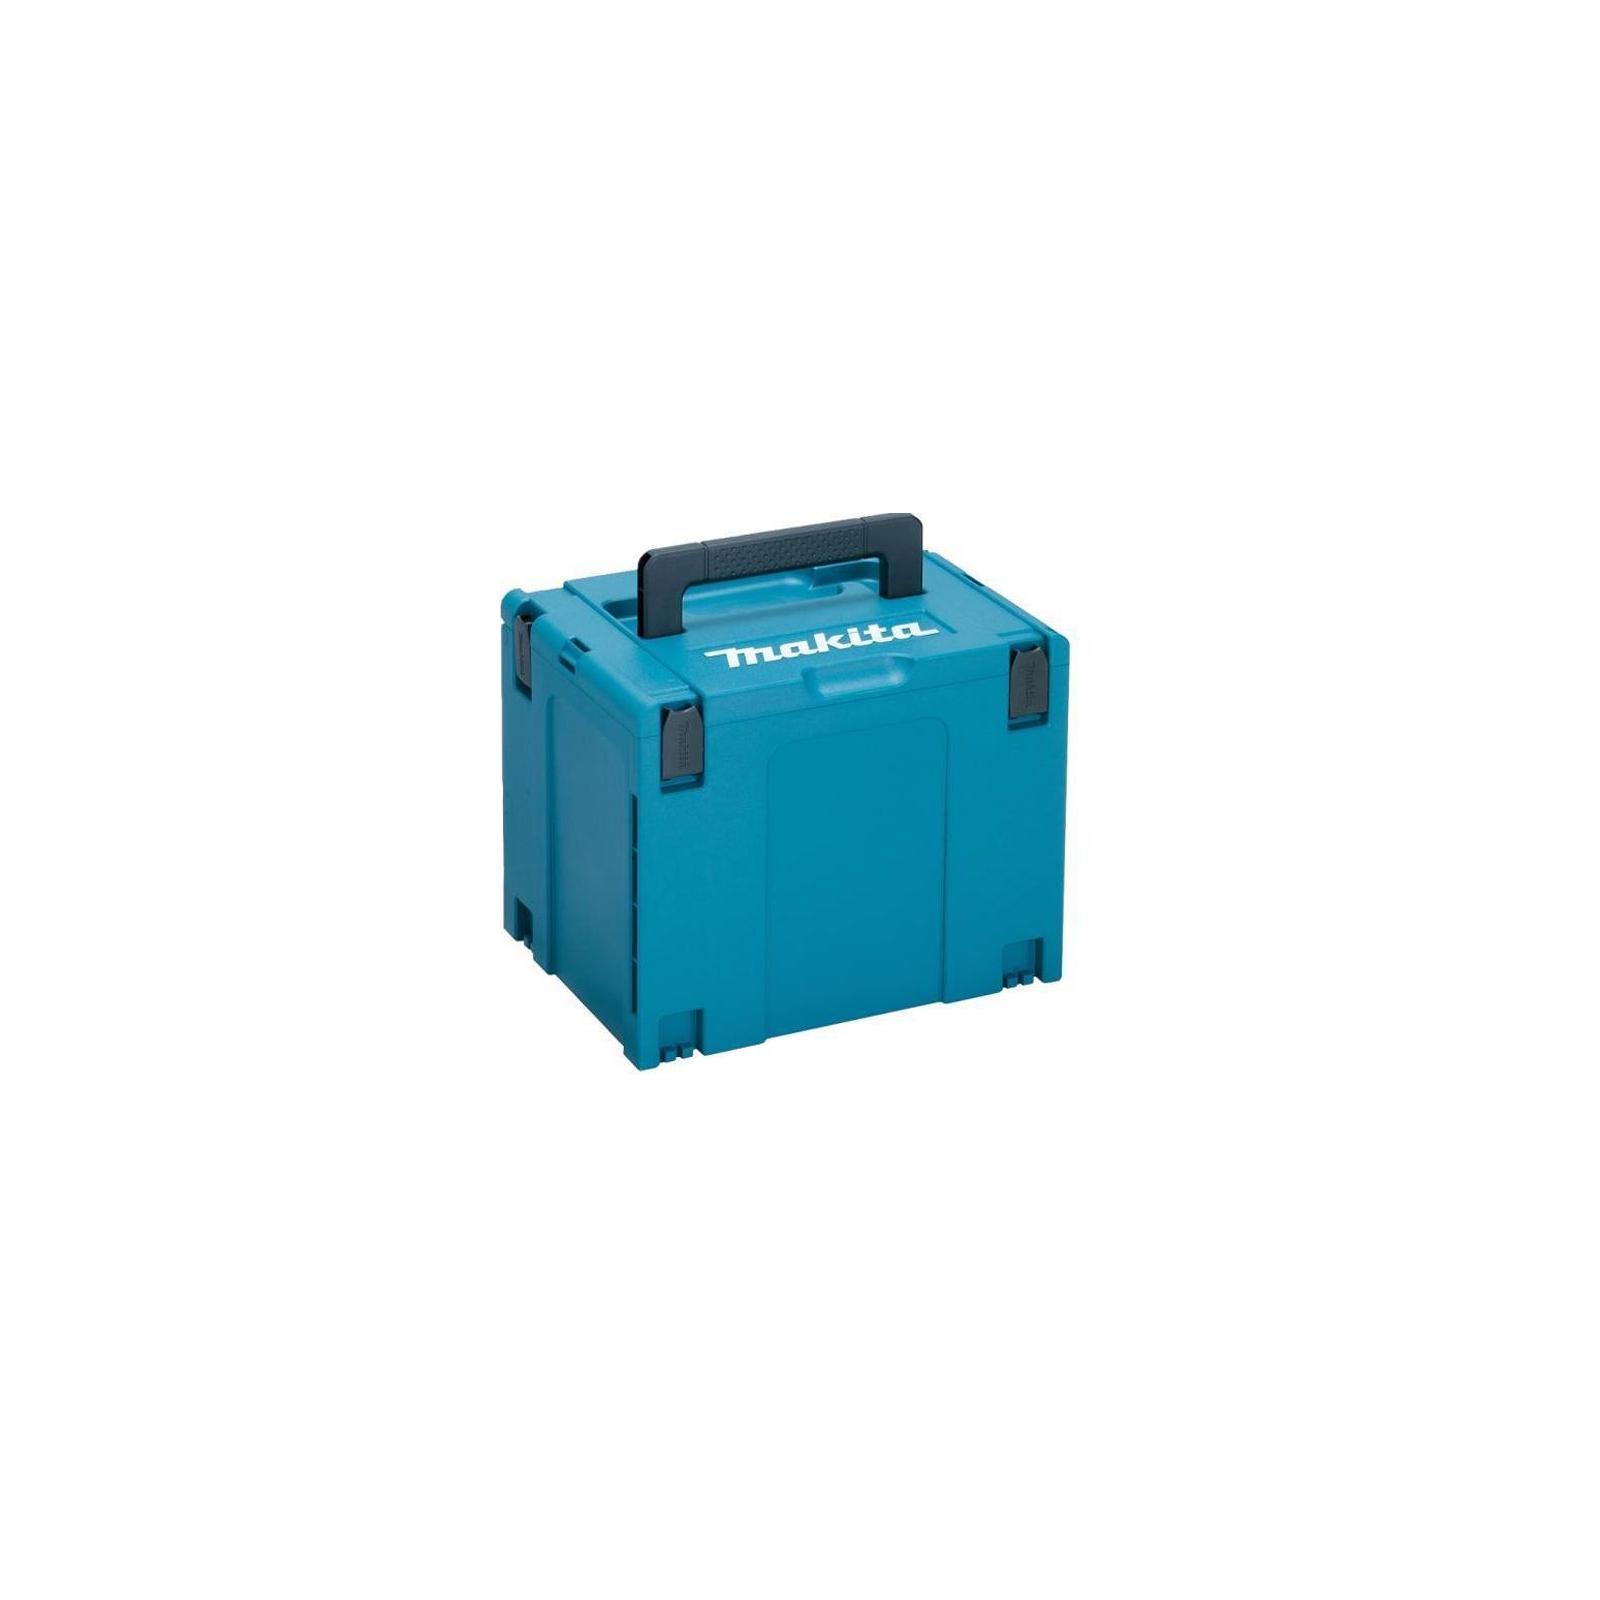 Шлифовальная машина Makita LXT (BL1850Bx3, DC18RD, Makpac4) + DGA504Z (198844-1) изображение 4